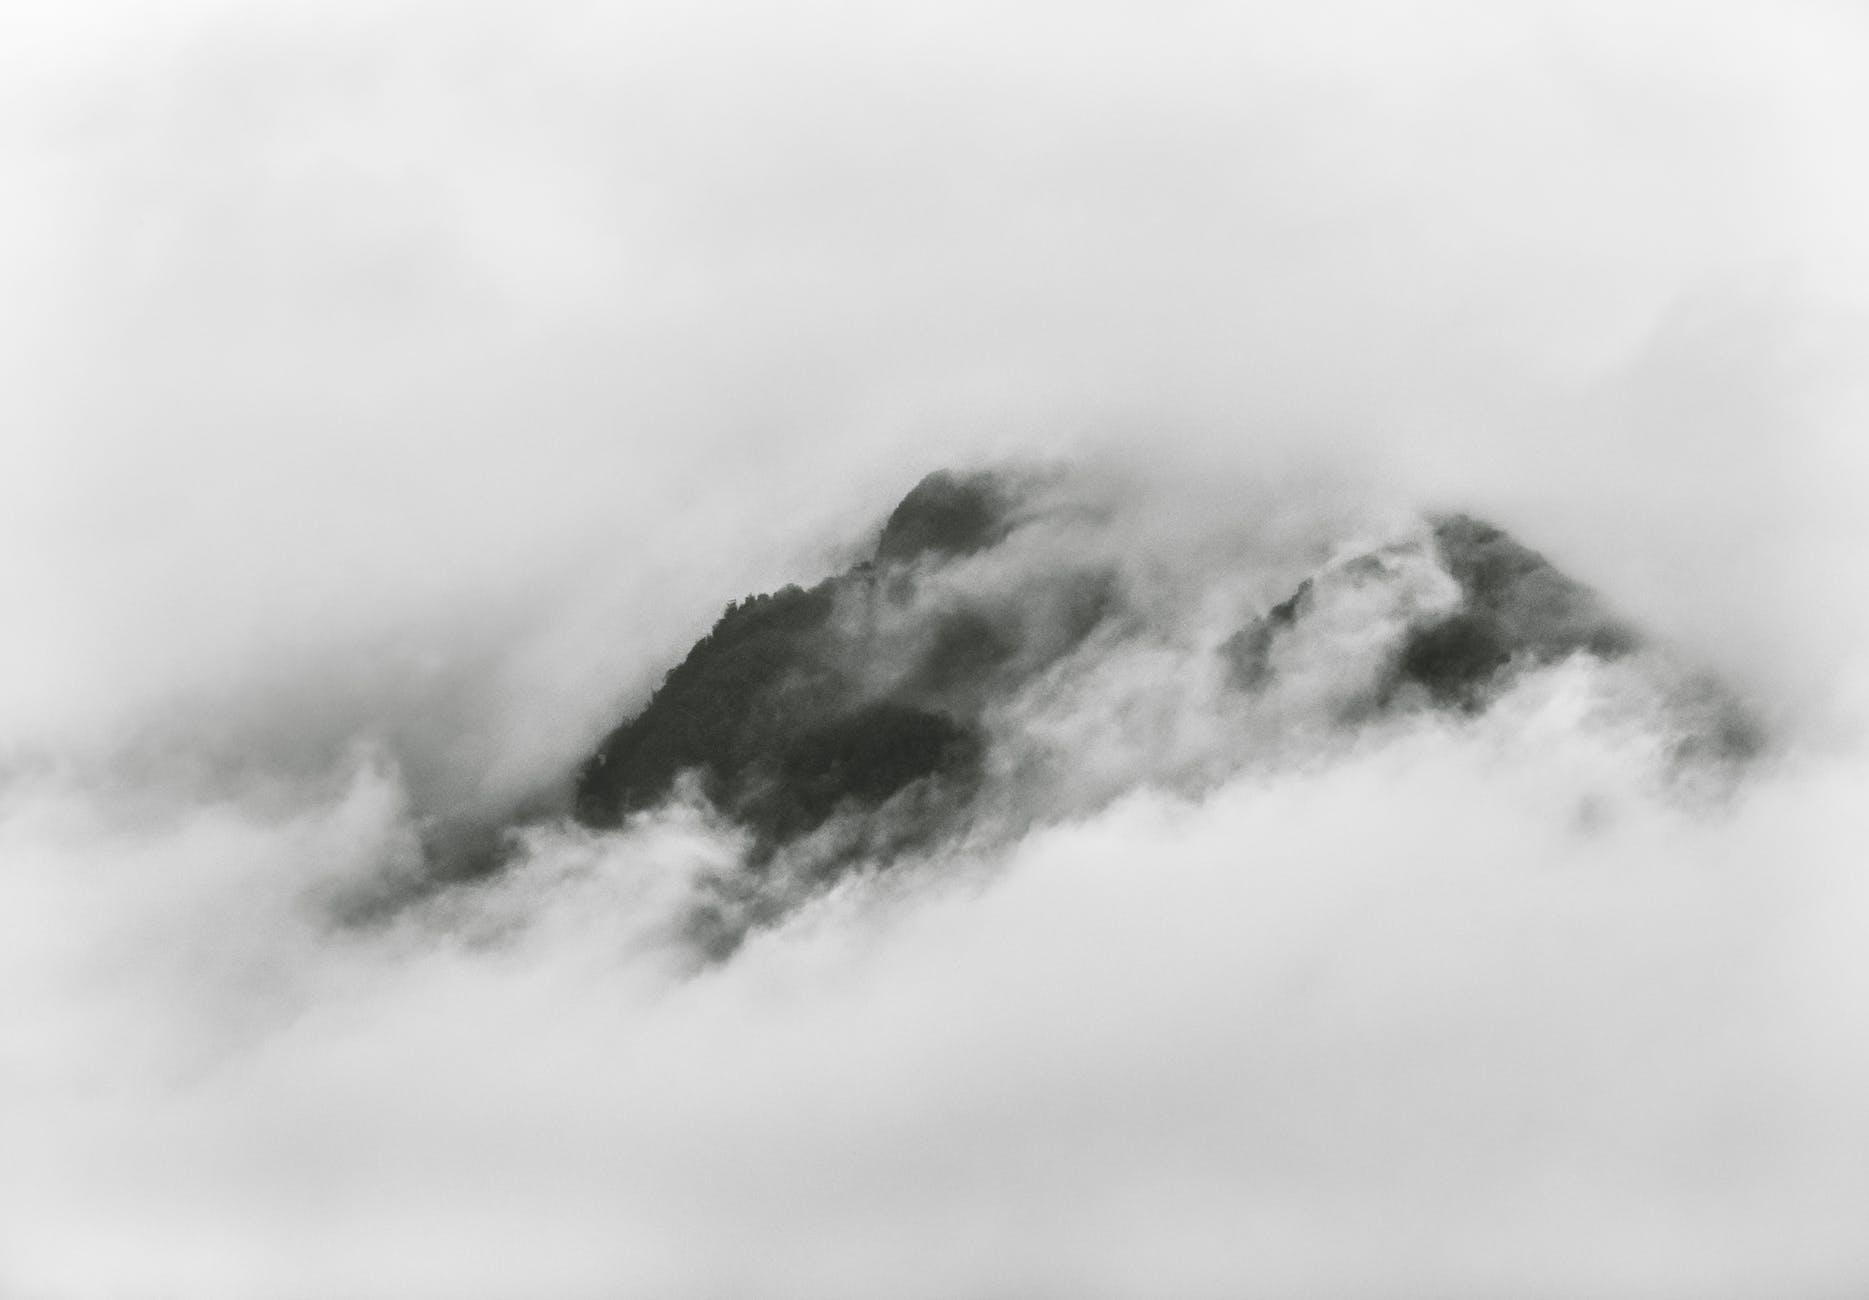 clouds foggy hazy misty